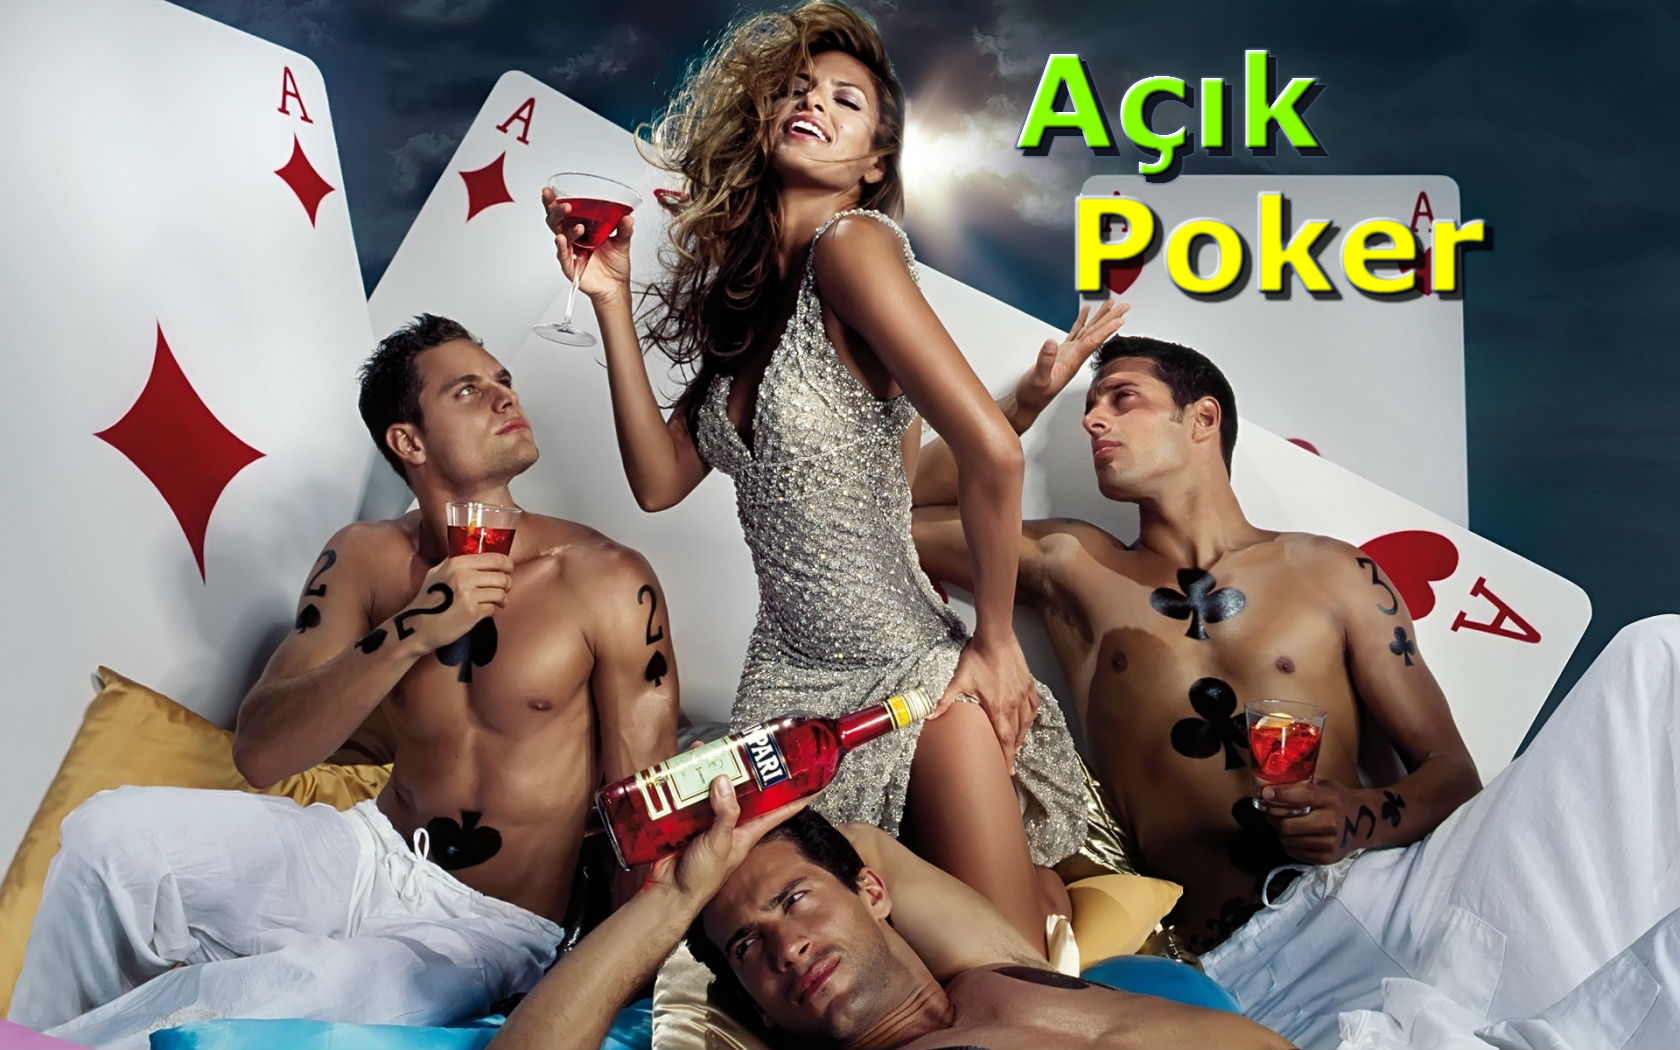 Açık Poker Oynama Siteleri, Açık Poker Oynamak İstiyorum, Açık Poker Oynanan Siteler, Türkiye'ye Açık Poker Siteleri